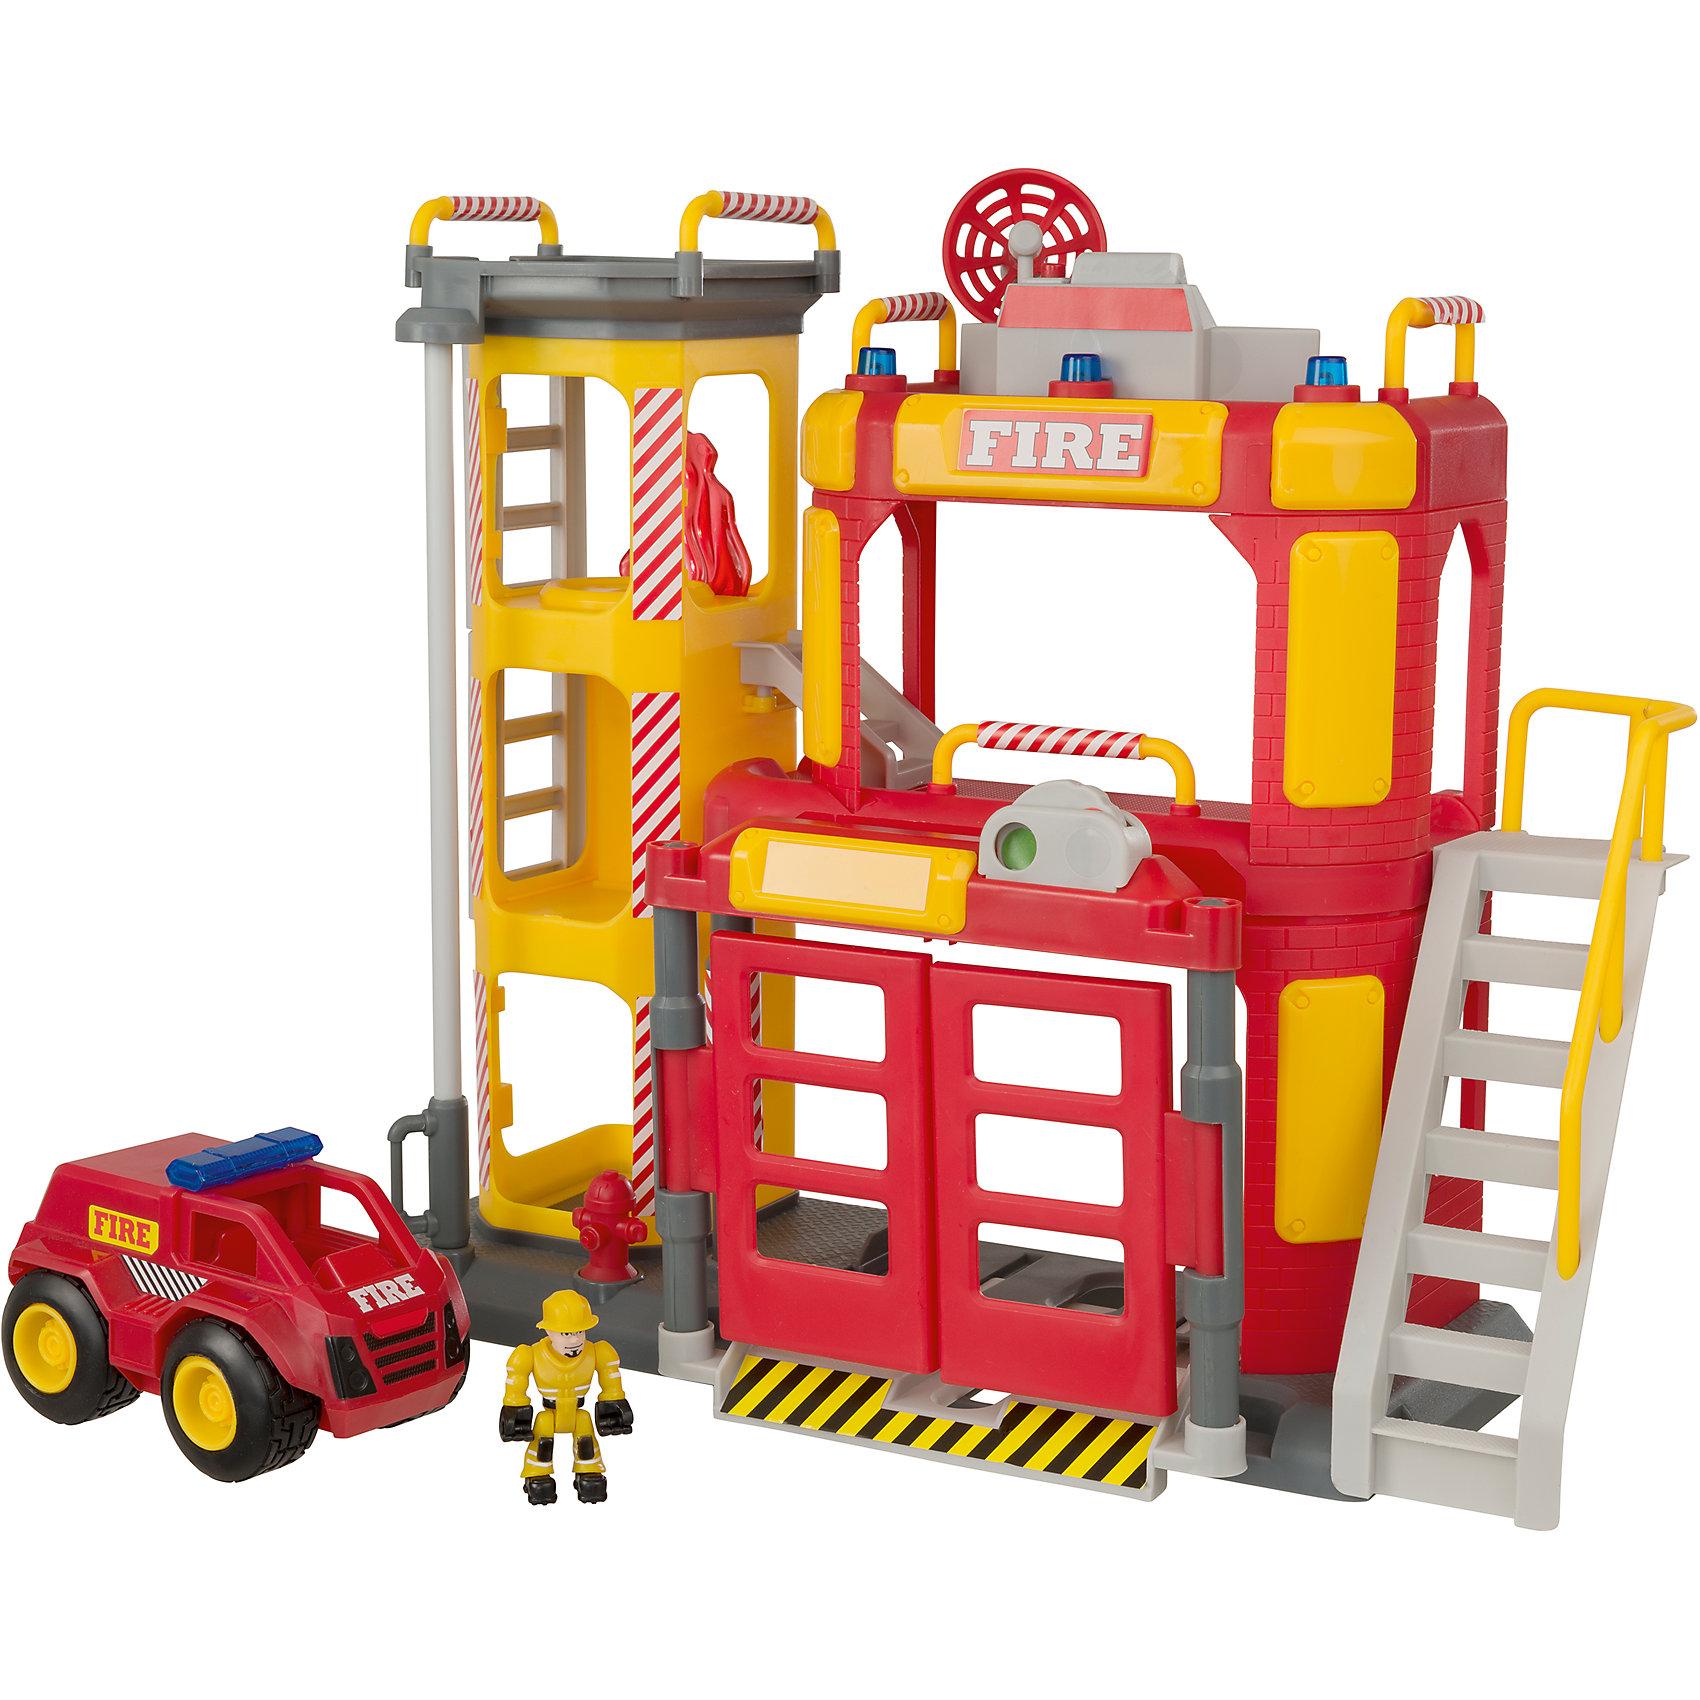 Большая пожарная станция, TeamsterzИгровые наборы<br>Большая пожарная станция, Teamsterz<br><br>Характеристики:<br><br>• Возраст: от 3 лет<br>• Материал: пластмасса, металл<br>• Высота парковки: 38 см<br>• Батарейки: 3хААА<br>• В комплекте: станция, 2 пожарных и пожарная машина<br><br>Каждый ребенок мечтает быть спасателем. С помощью этого игрового набора малыш сможет разнообразить игру в пожарных и сделать ее максимально реалистичной и безопасной. Комплекс обладает световыми и звуковыми эффектами. Дополнительно в комплекте идут два пожарных для игры и специальный автомобиль.<br><br>Большая пожарная станция, Teamsterz можно купить в нашем интернет-магазине.<br><br>Ширина мм: 545<br>Глубина мм: 399<br>Высота мм: 151<br>Вес г: 1772<br>Возраст от месяцев: 36<br>Возраст до месяцев: 168<br>Пол: Мужской<br>Возраст: Детский<br>SKU: 5427396